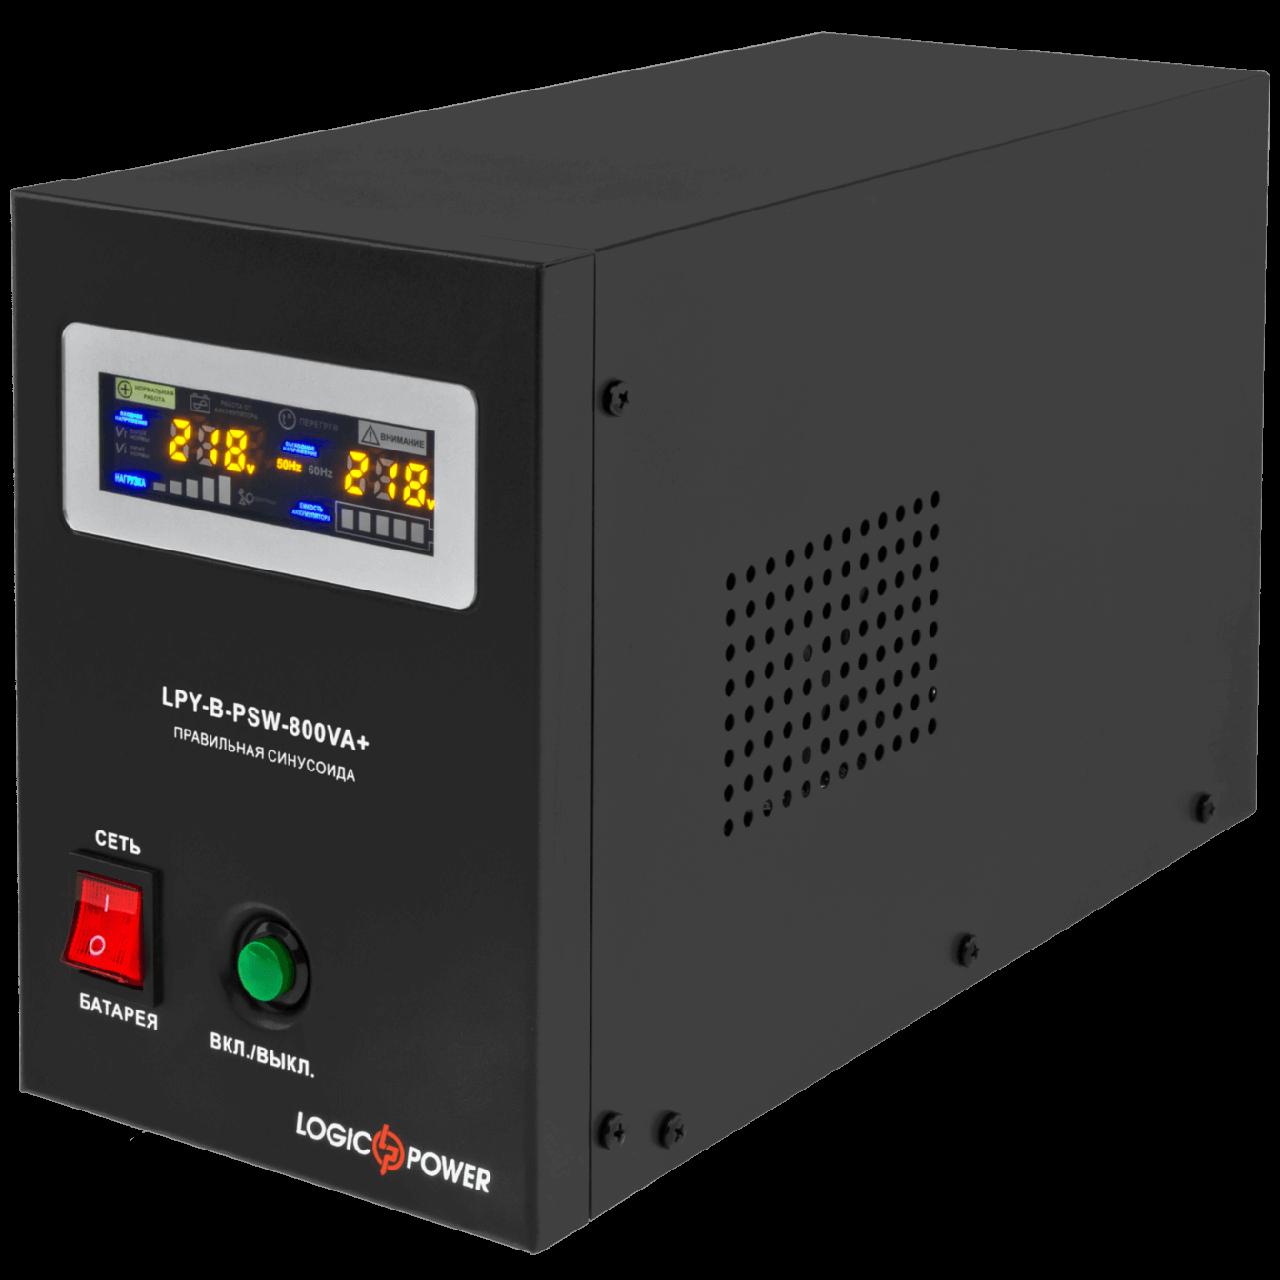 ИБП с правильной синусоидой LogicPower LPY-B-PSW-800VA+ (560W) 5A/15A 12V для котлов и аварийного освещения